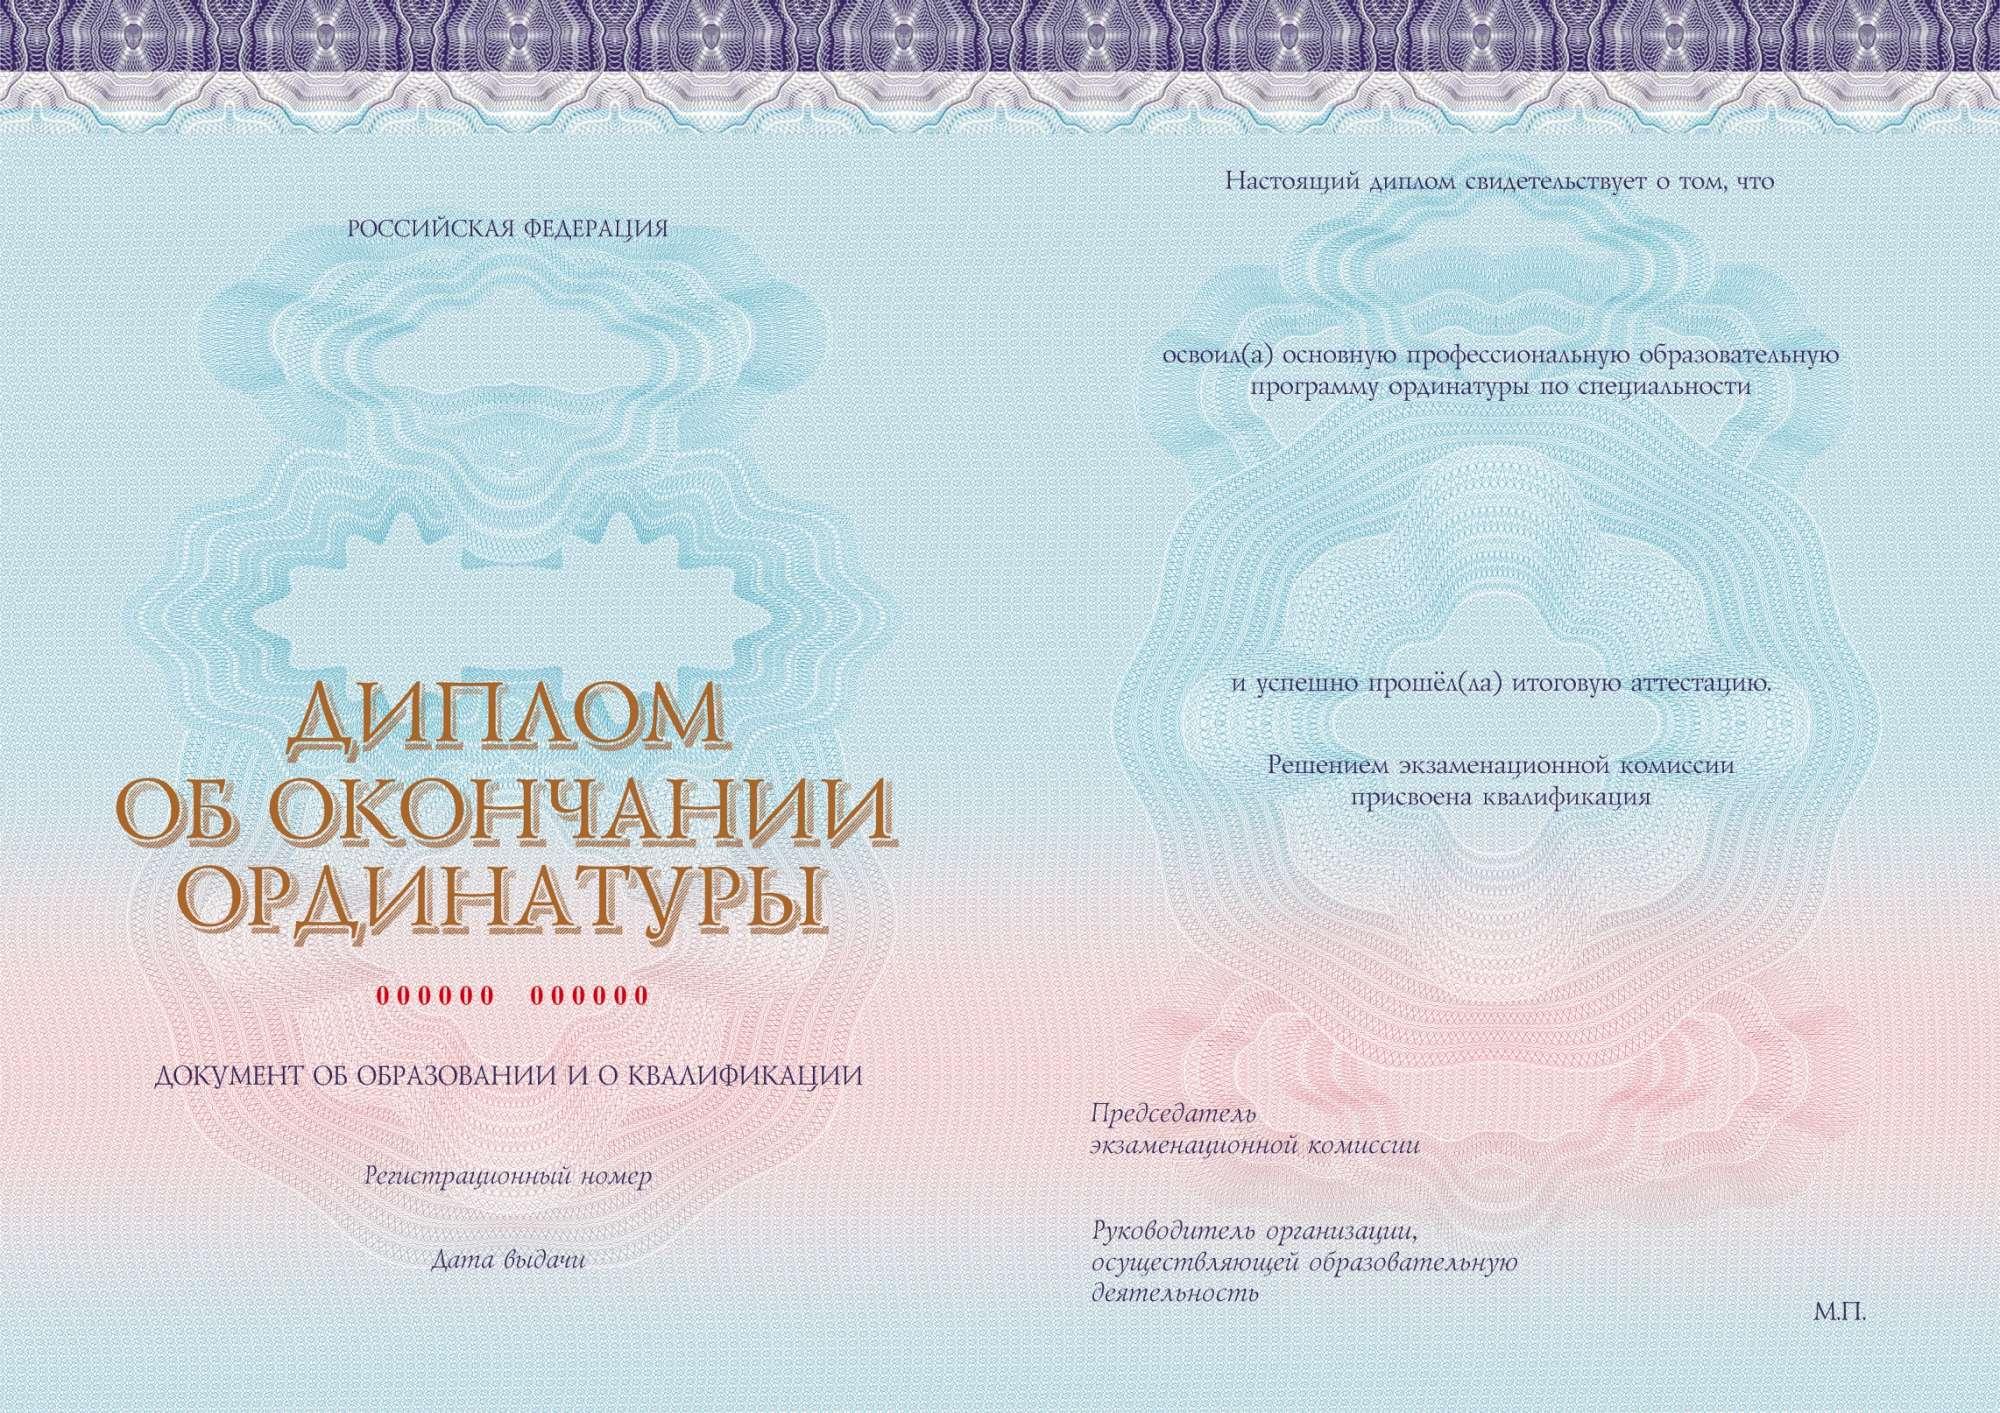 Киржачская типография Заказать продукцию Бланк диплома об окончании ординатуры установленного образца для неаккредитованных программ и Бланк приложения к диплому об окончании ординатуры